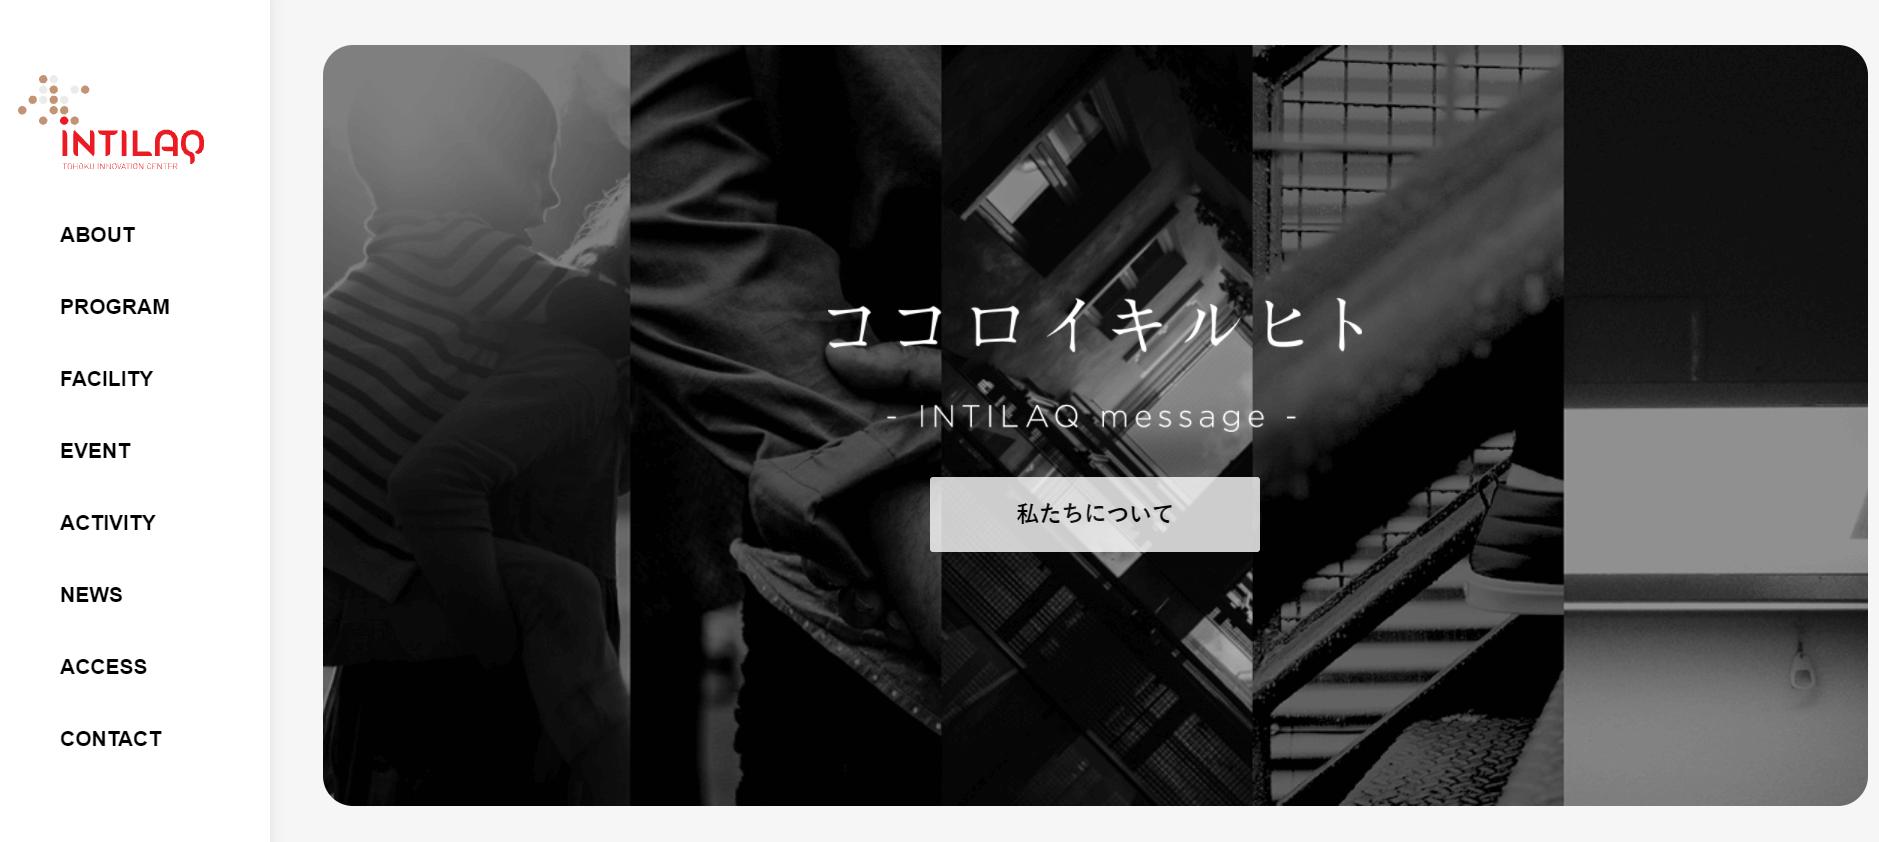 仙台市若林区にある人気・おすすめの格安コワーキングスペースINTILAQ